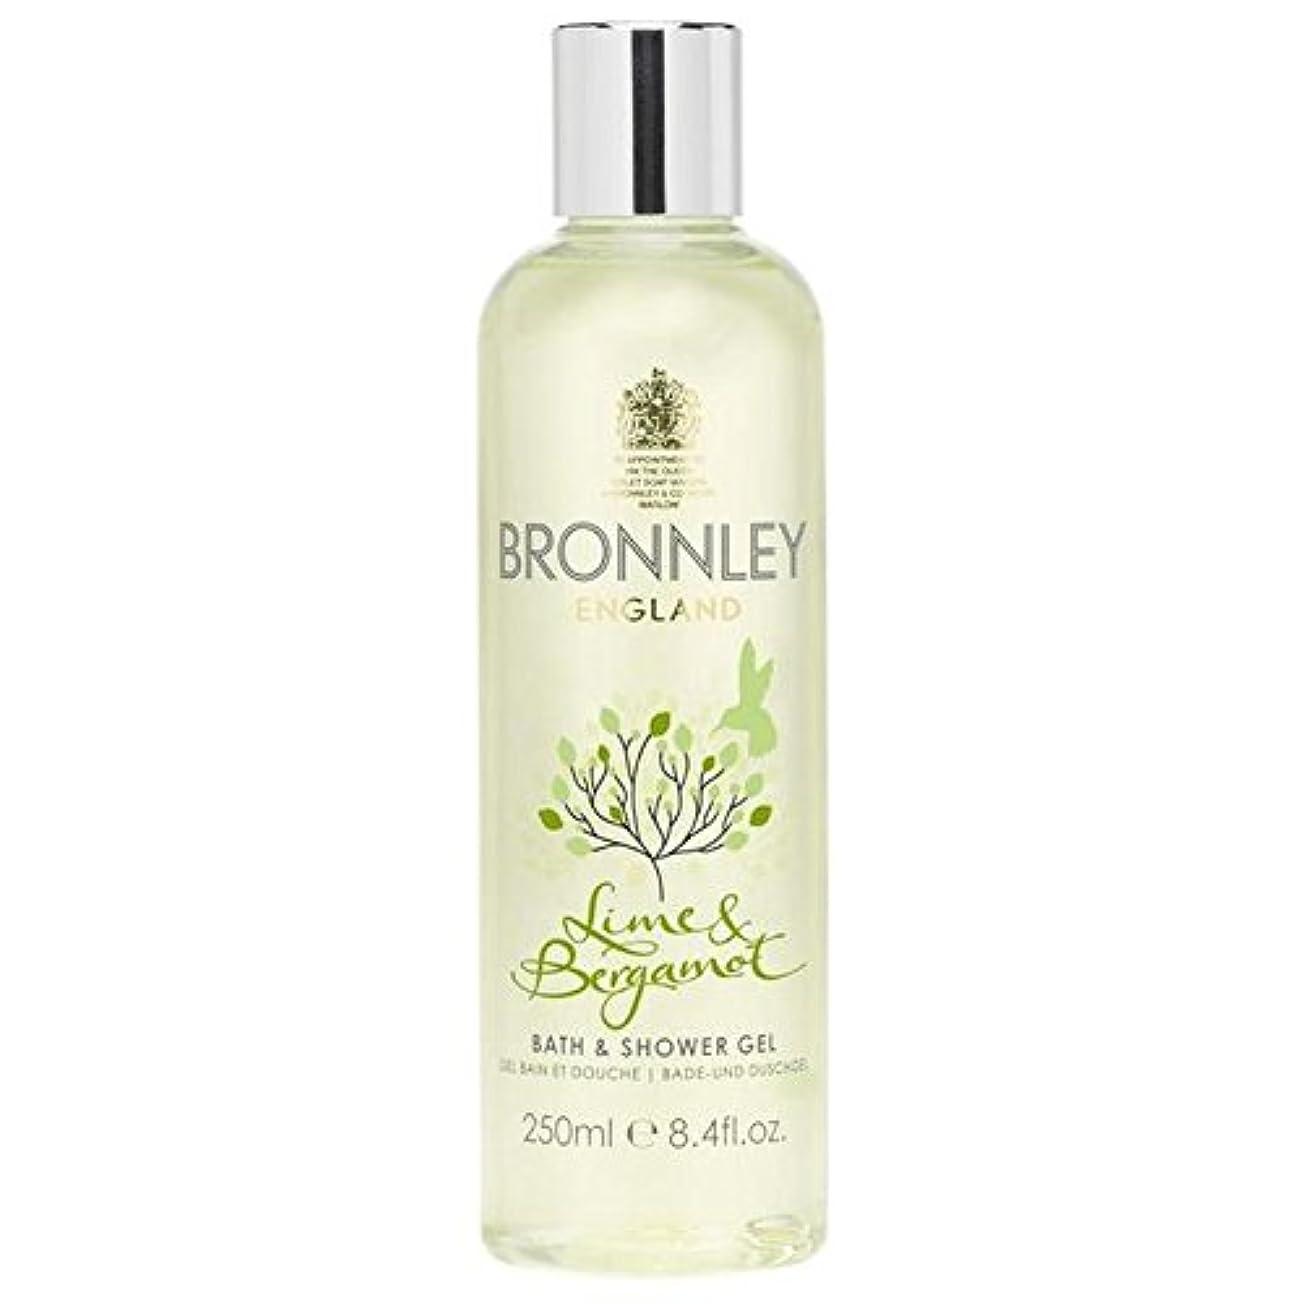 ブーストあいまい海藻Bronnley Lime & Bergamot Bath & Shower Gel 250ml - ライム&ベルガモットバス&シャワージェル250ミリリットル [並行輸入品]